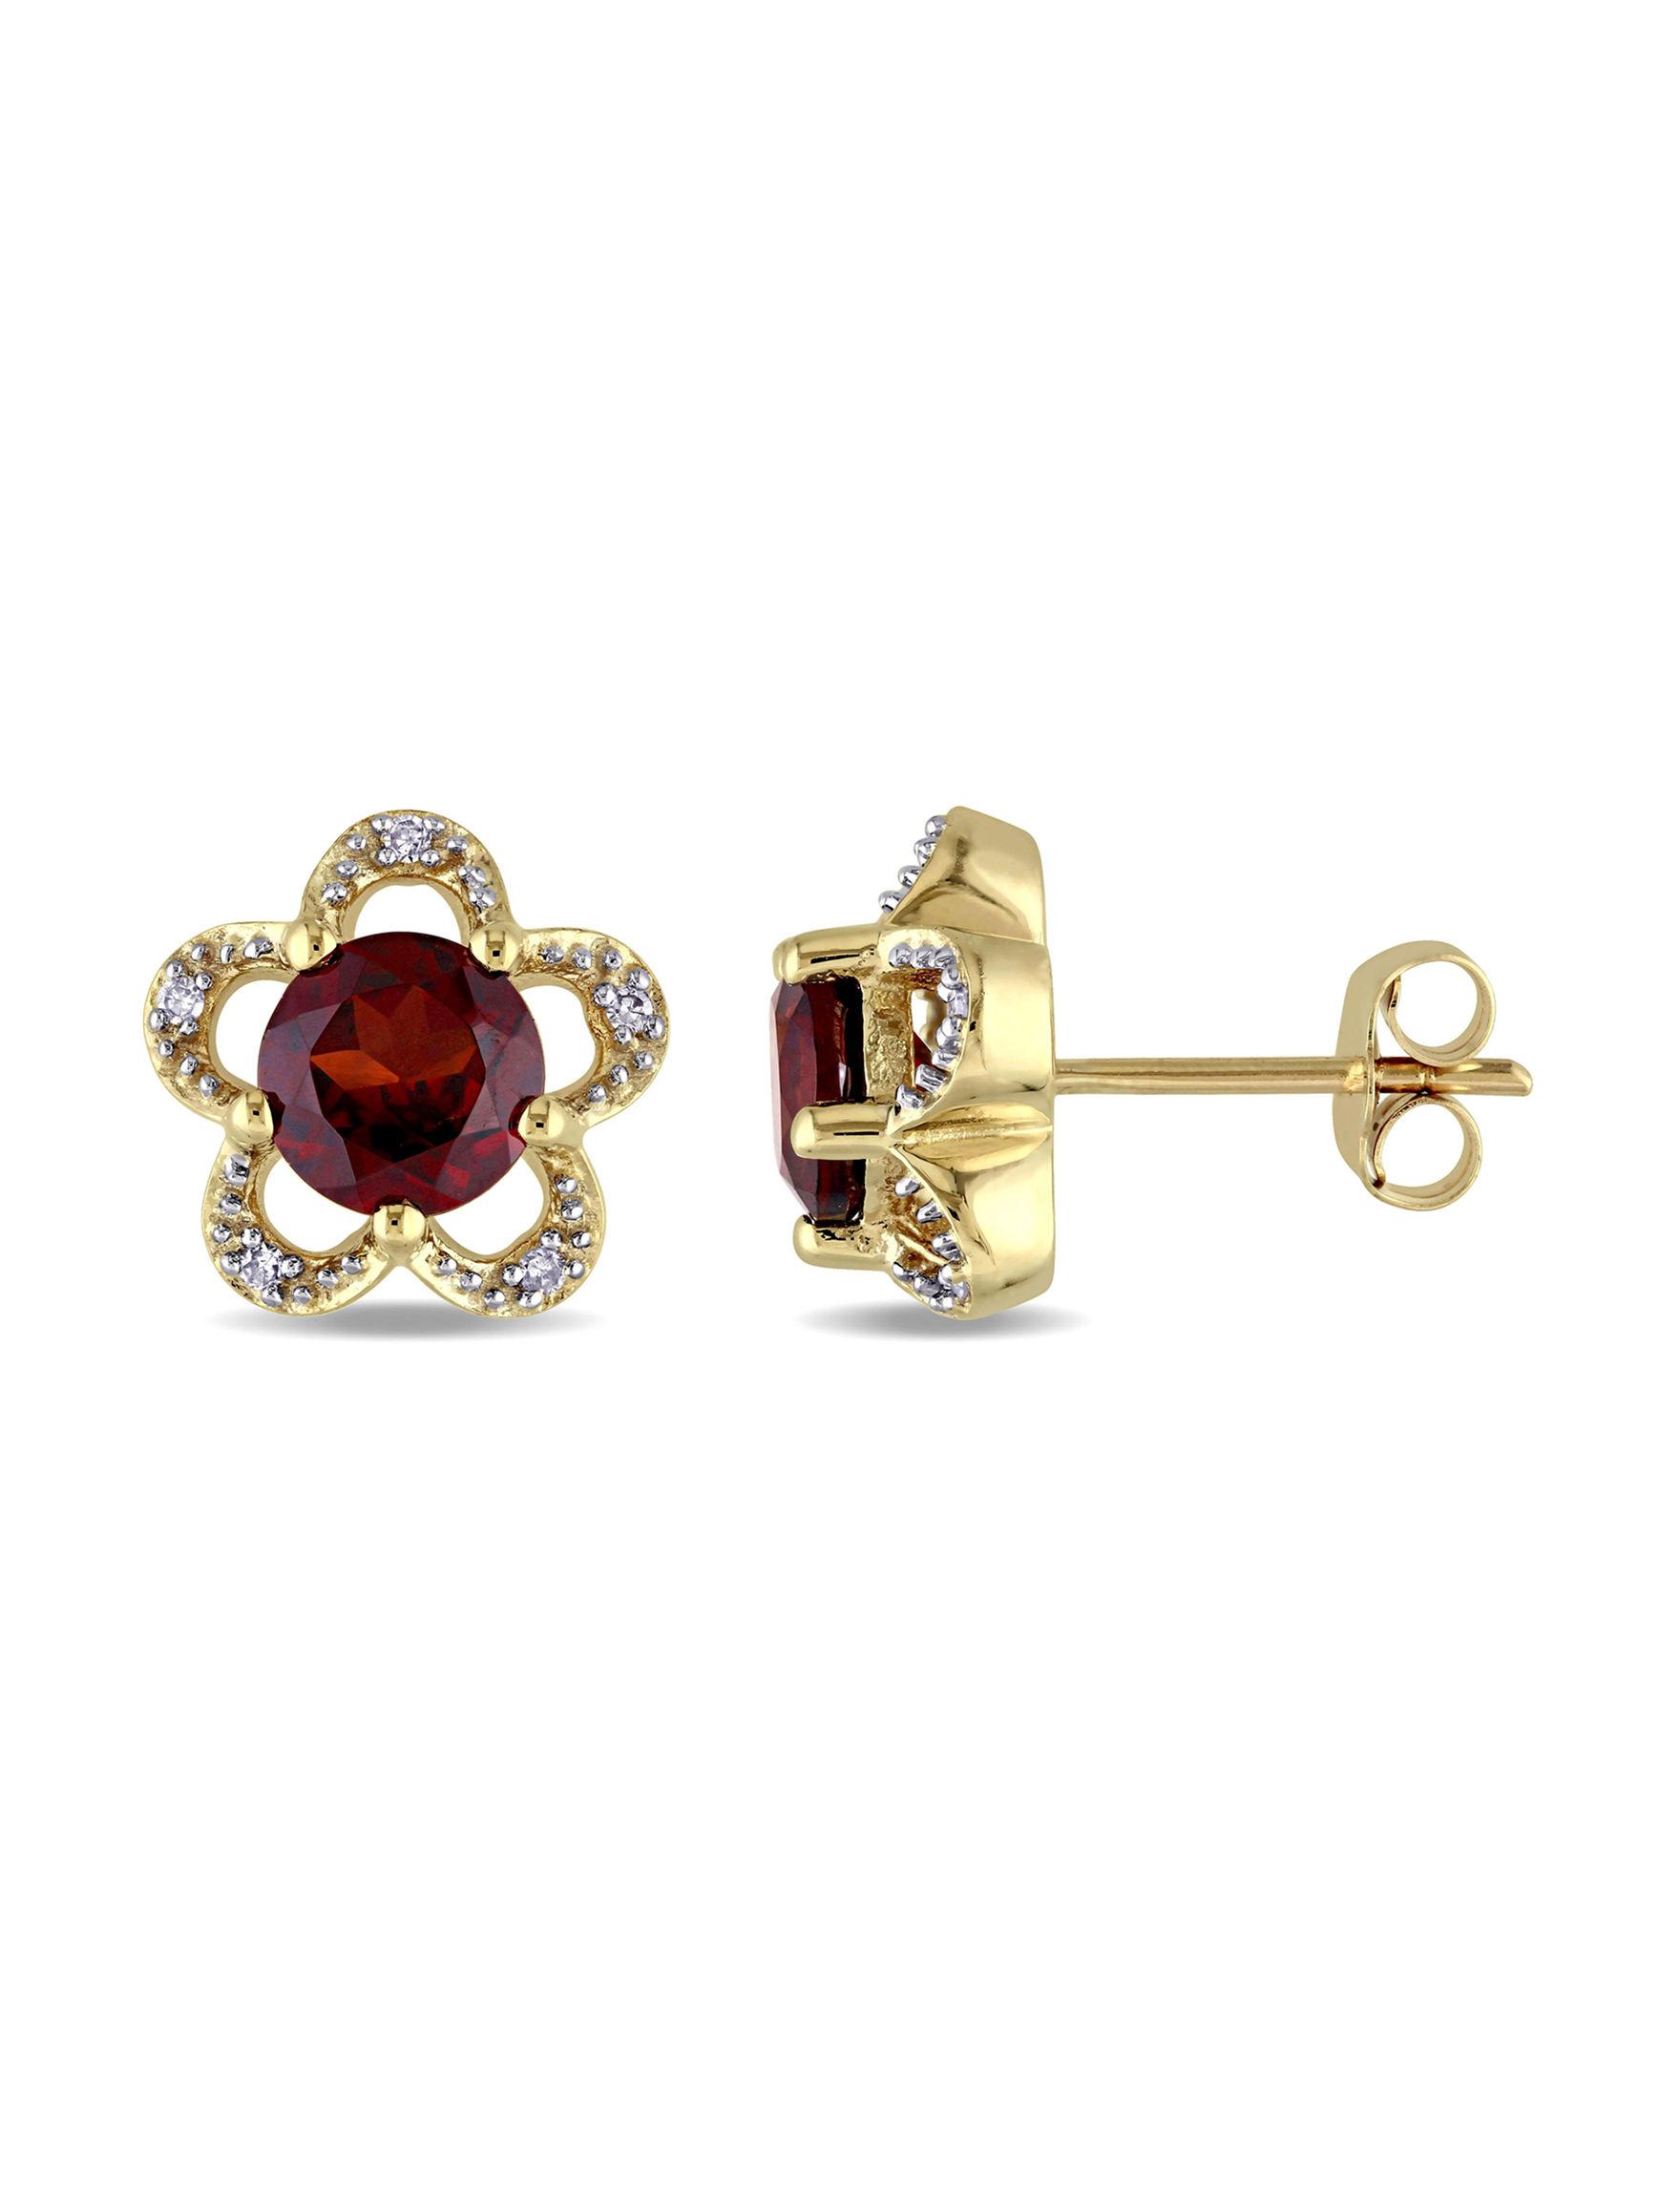 Laura Ashley Gold Studs Earrings Fine Jewelry